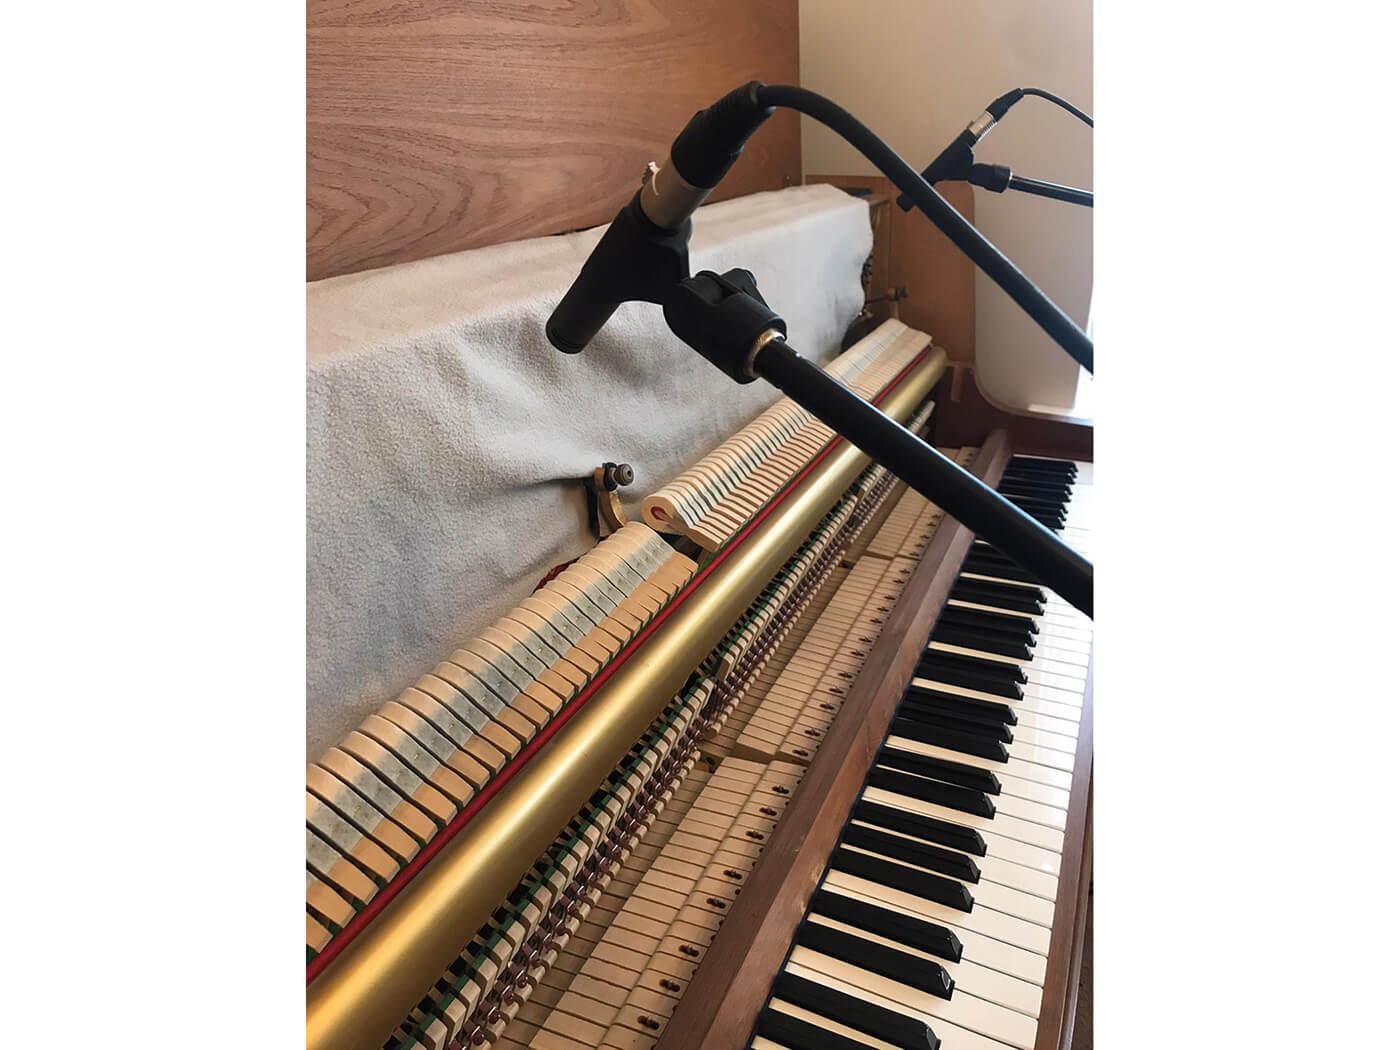 How to use felt pianos - Tutorial Step 5